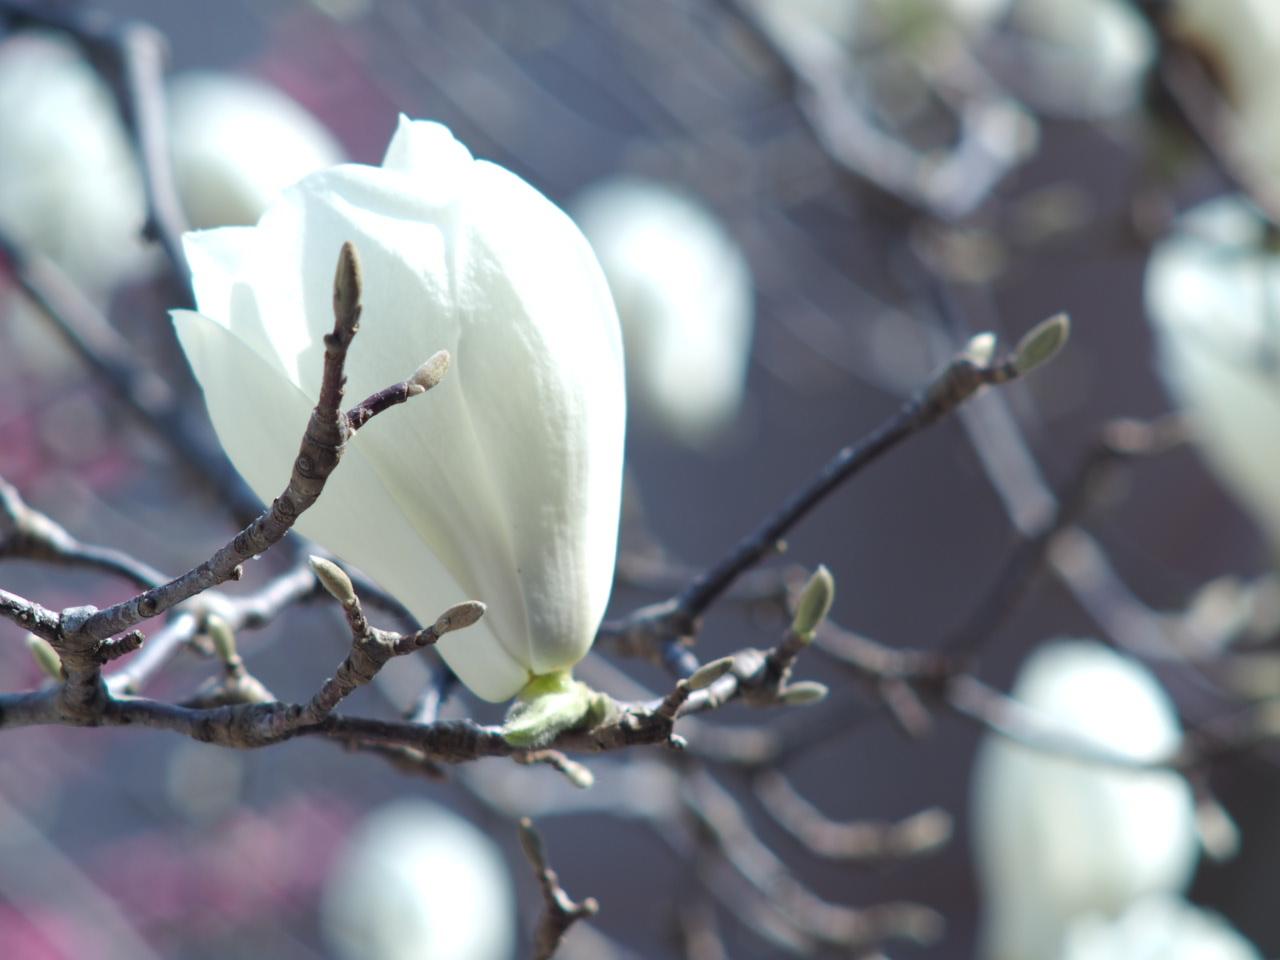 今年も木蓮を楽しませていただきました♡_f0135940_01352707.jpg